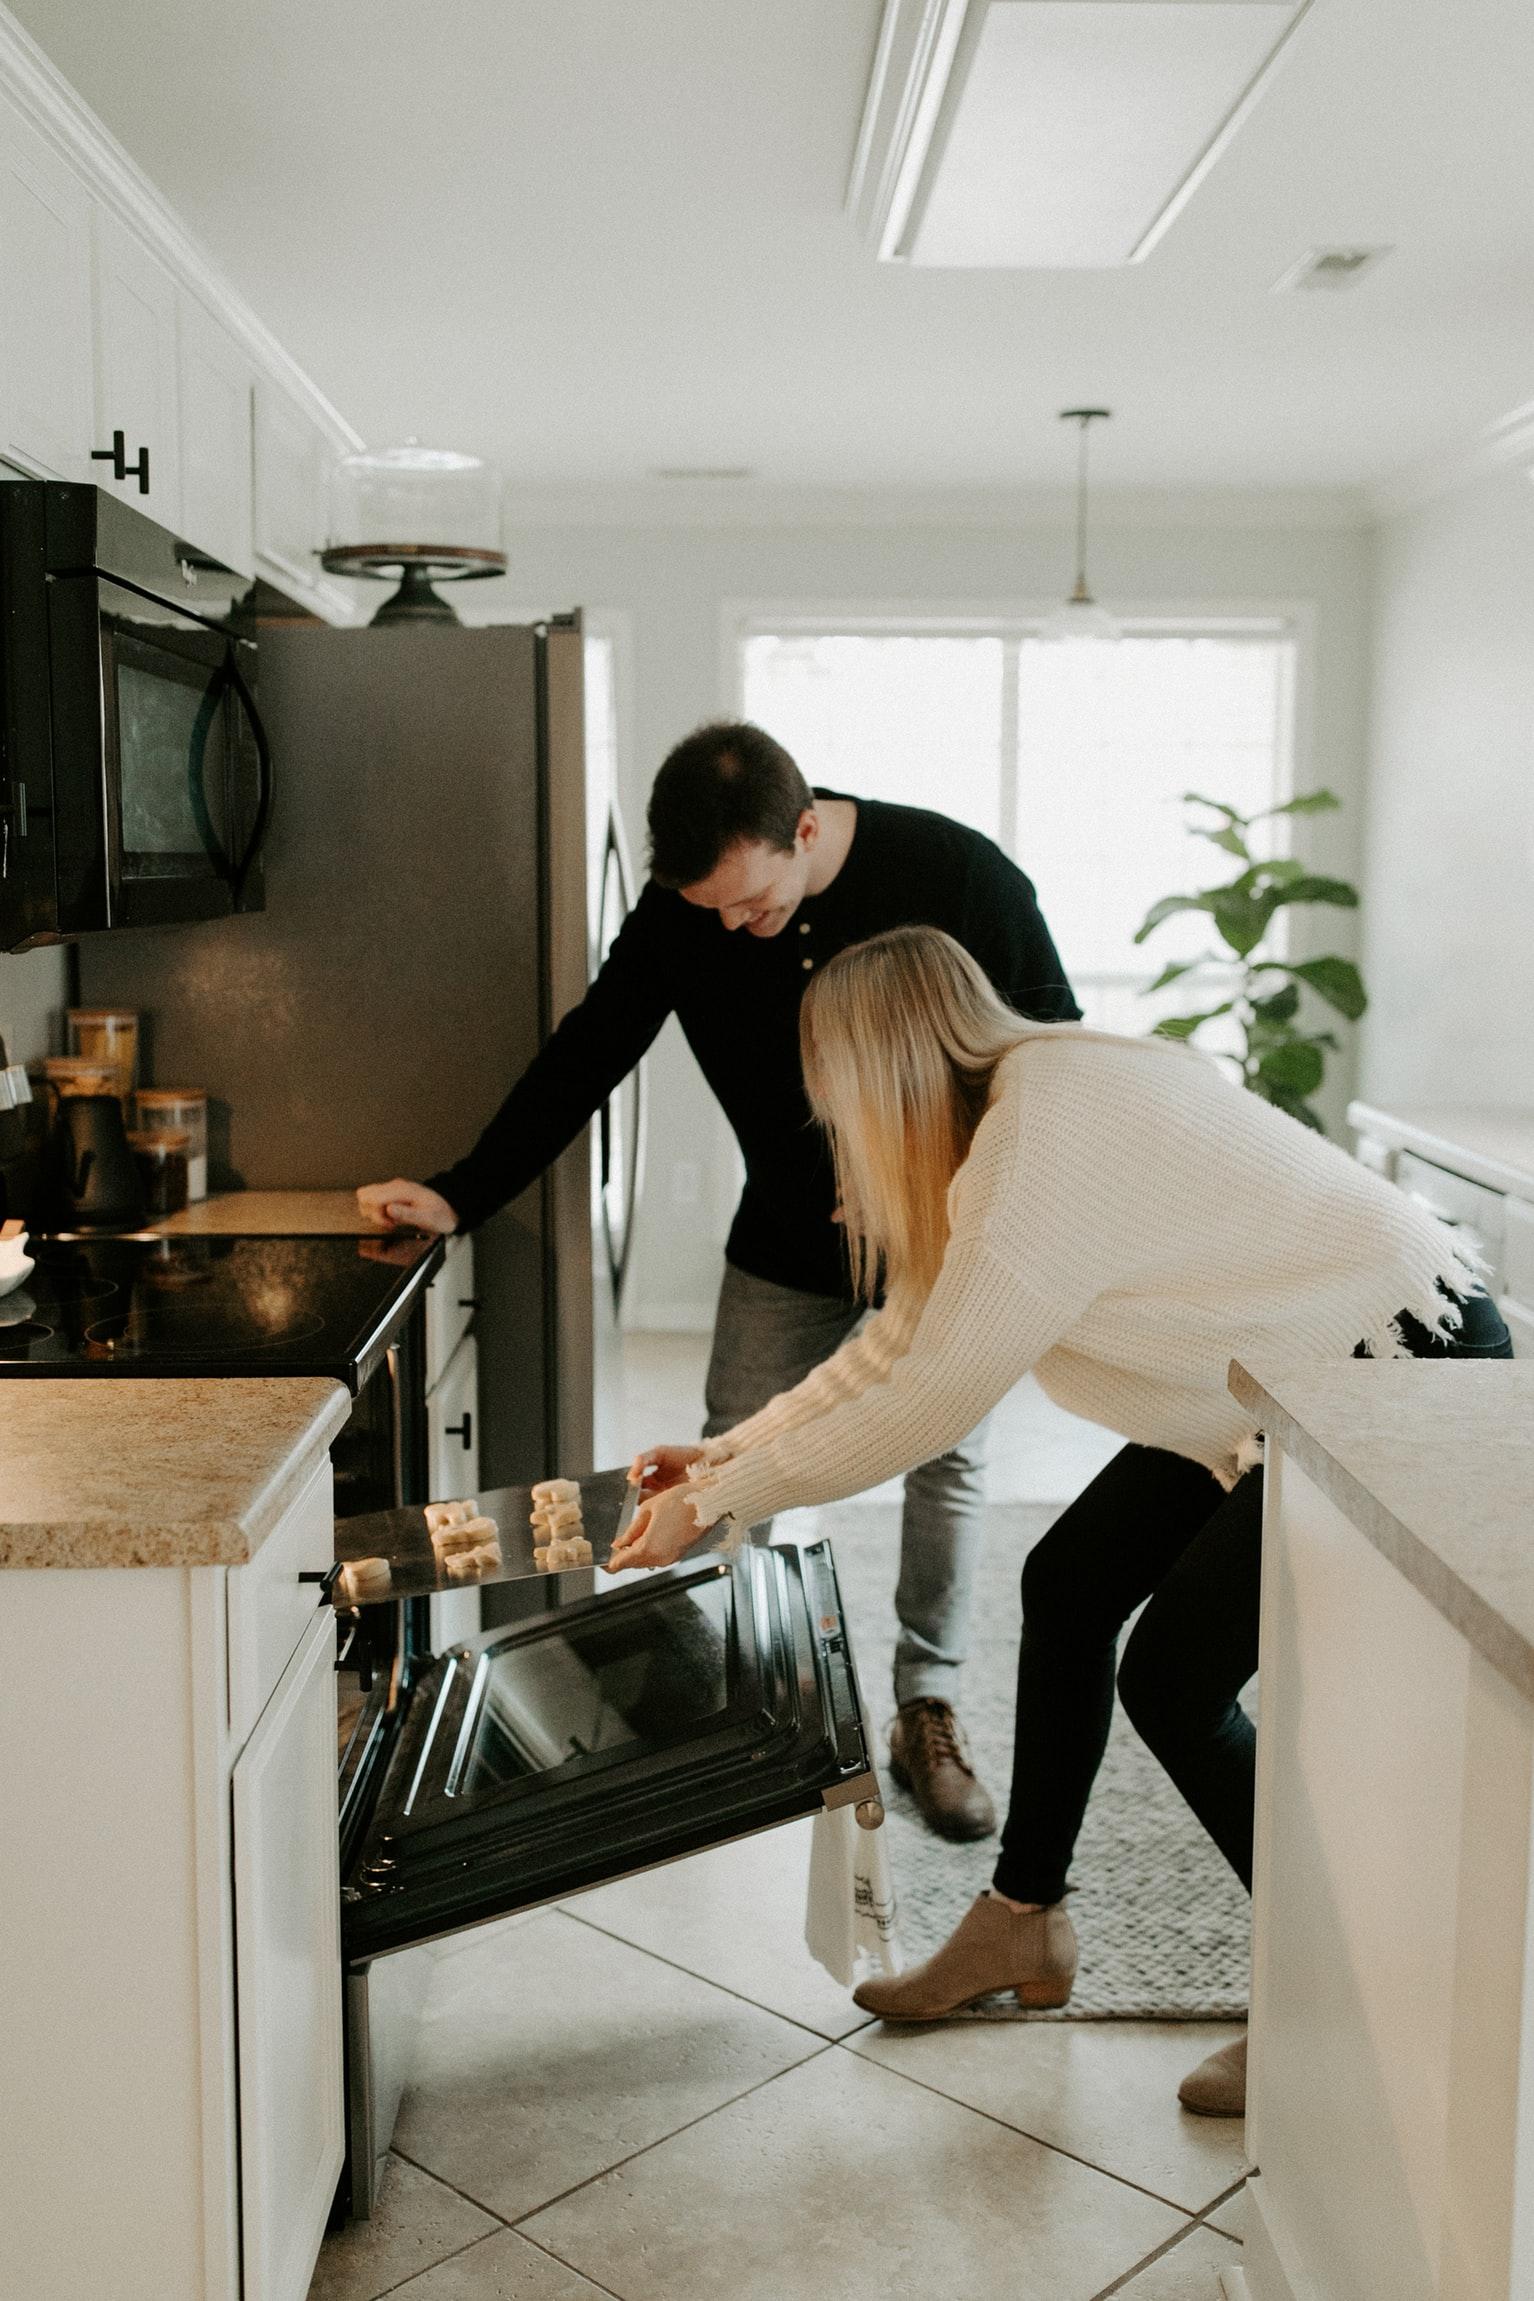 bí quyết hẹn hò cung hoàng đạo - cặp đôi cùng nhau nấu ăn